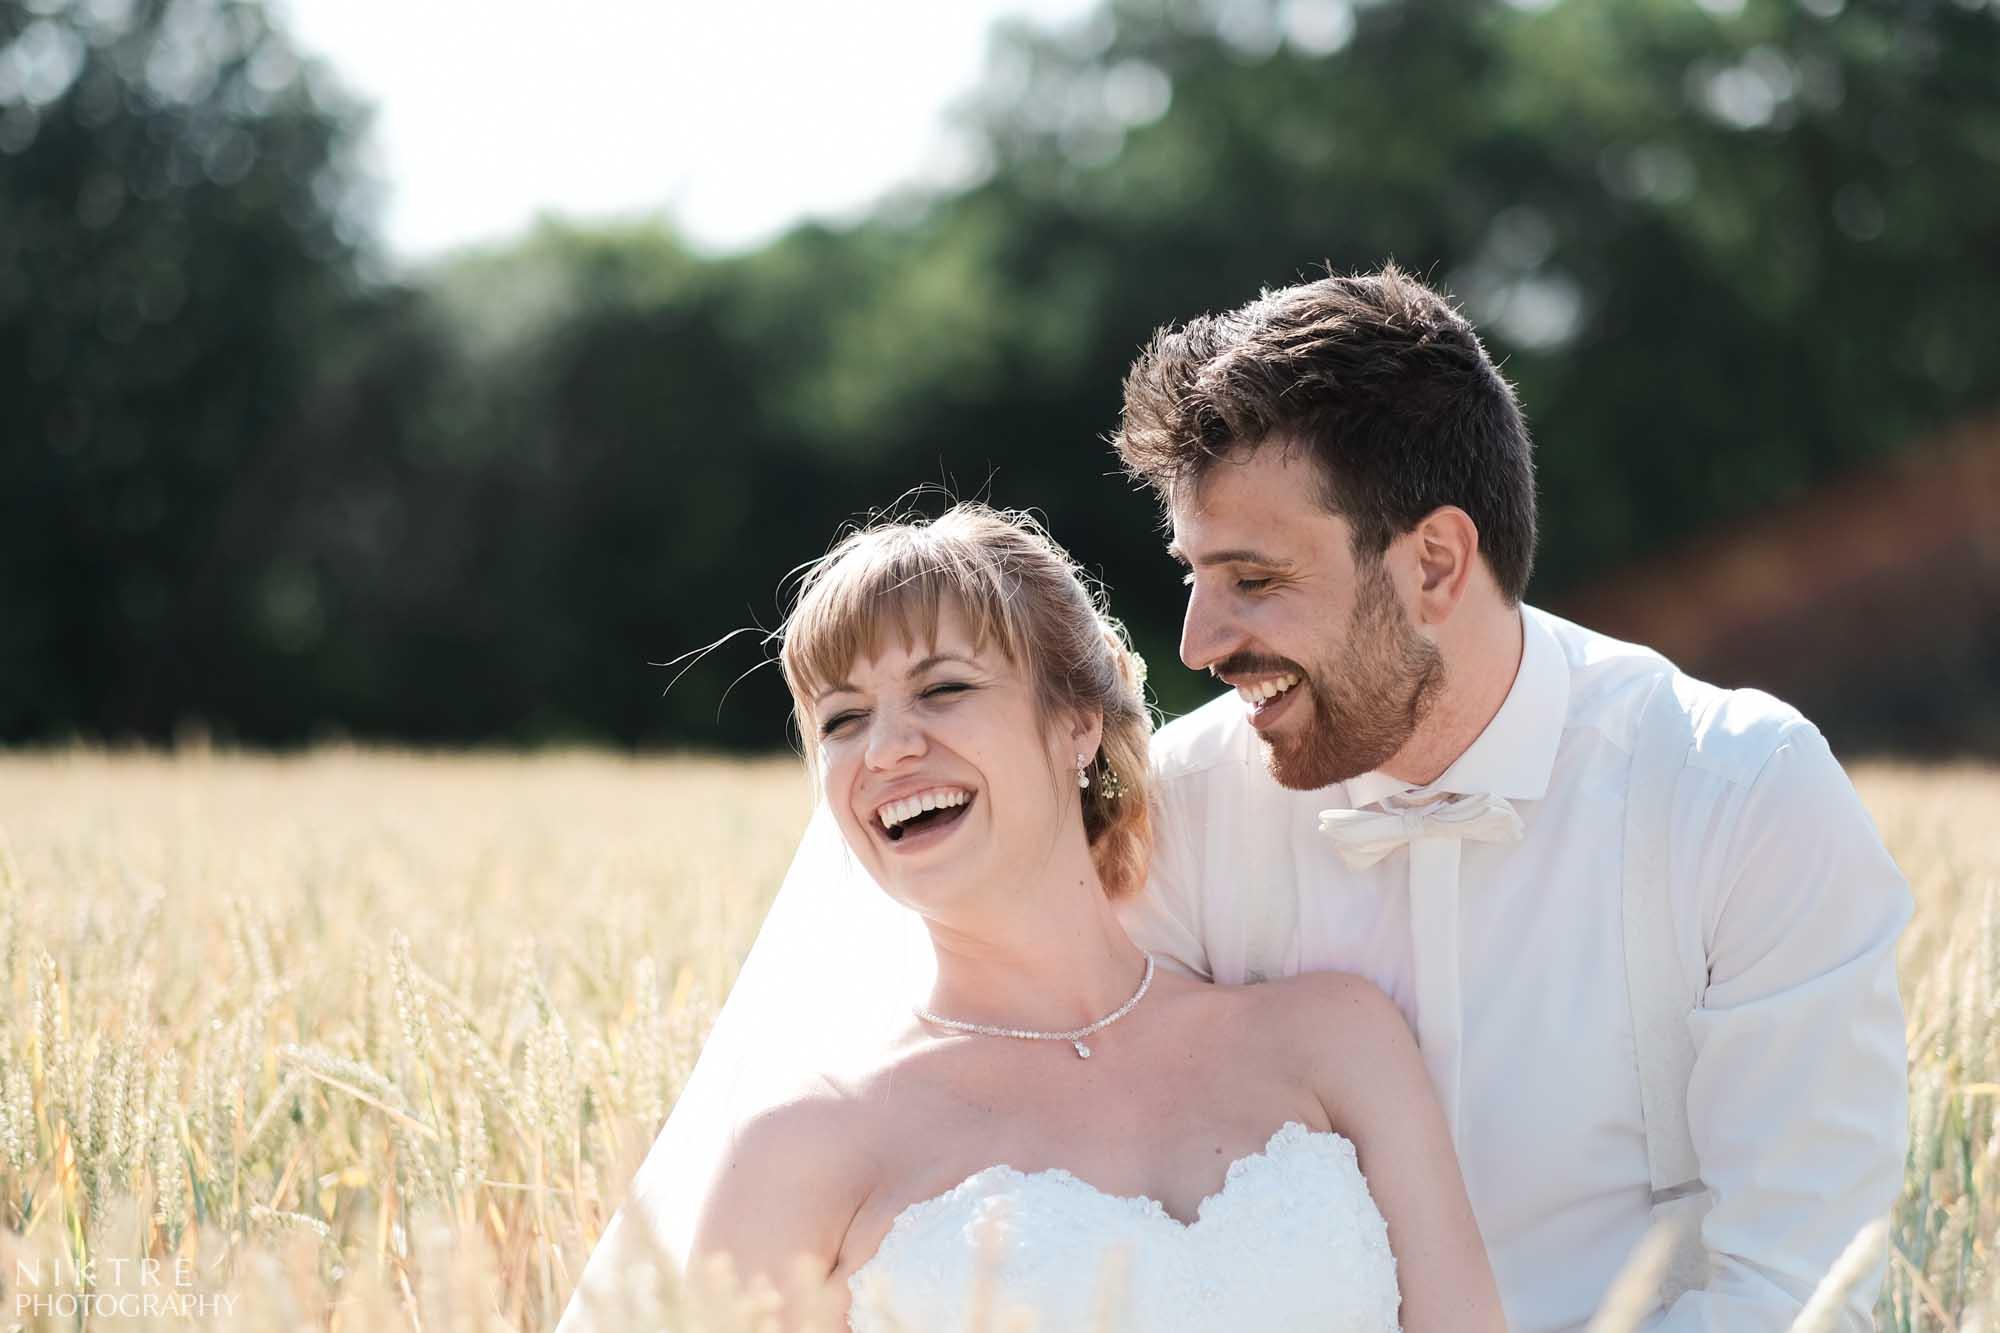 Brautpaar lacht beim Hochzeitsshooting im Weizenfeld nahe Göttingen